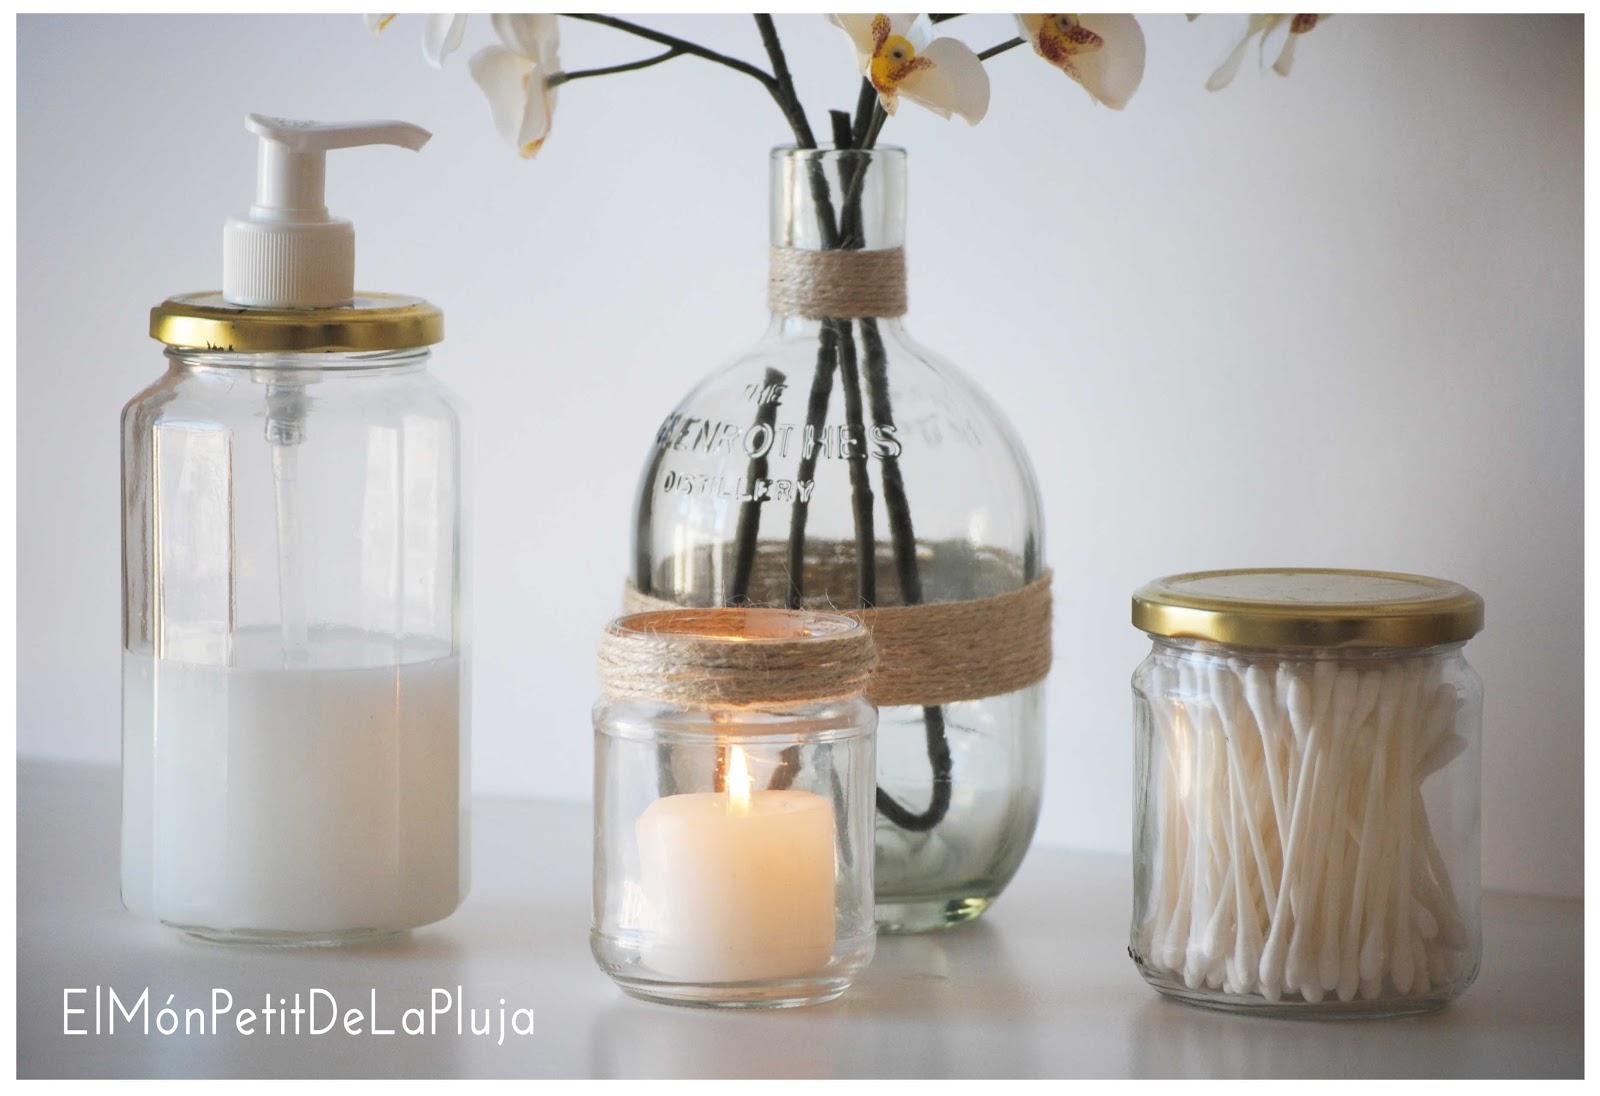 Set De Baño Reciclado:manualidad de tarros de cristal reciclados convertidos en set de baño